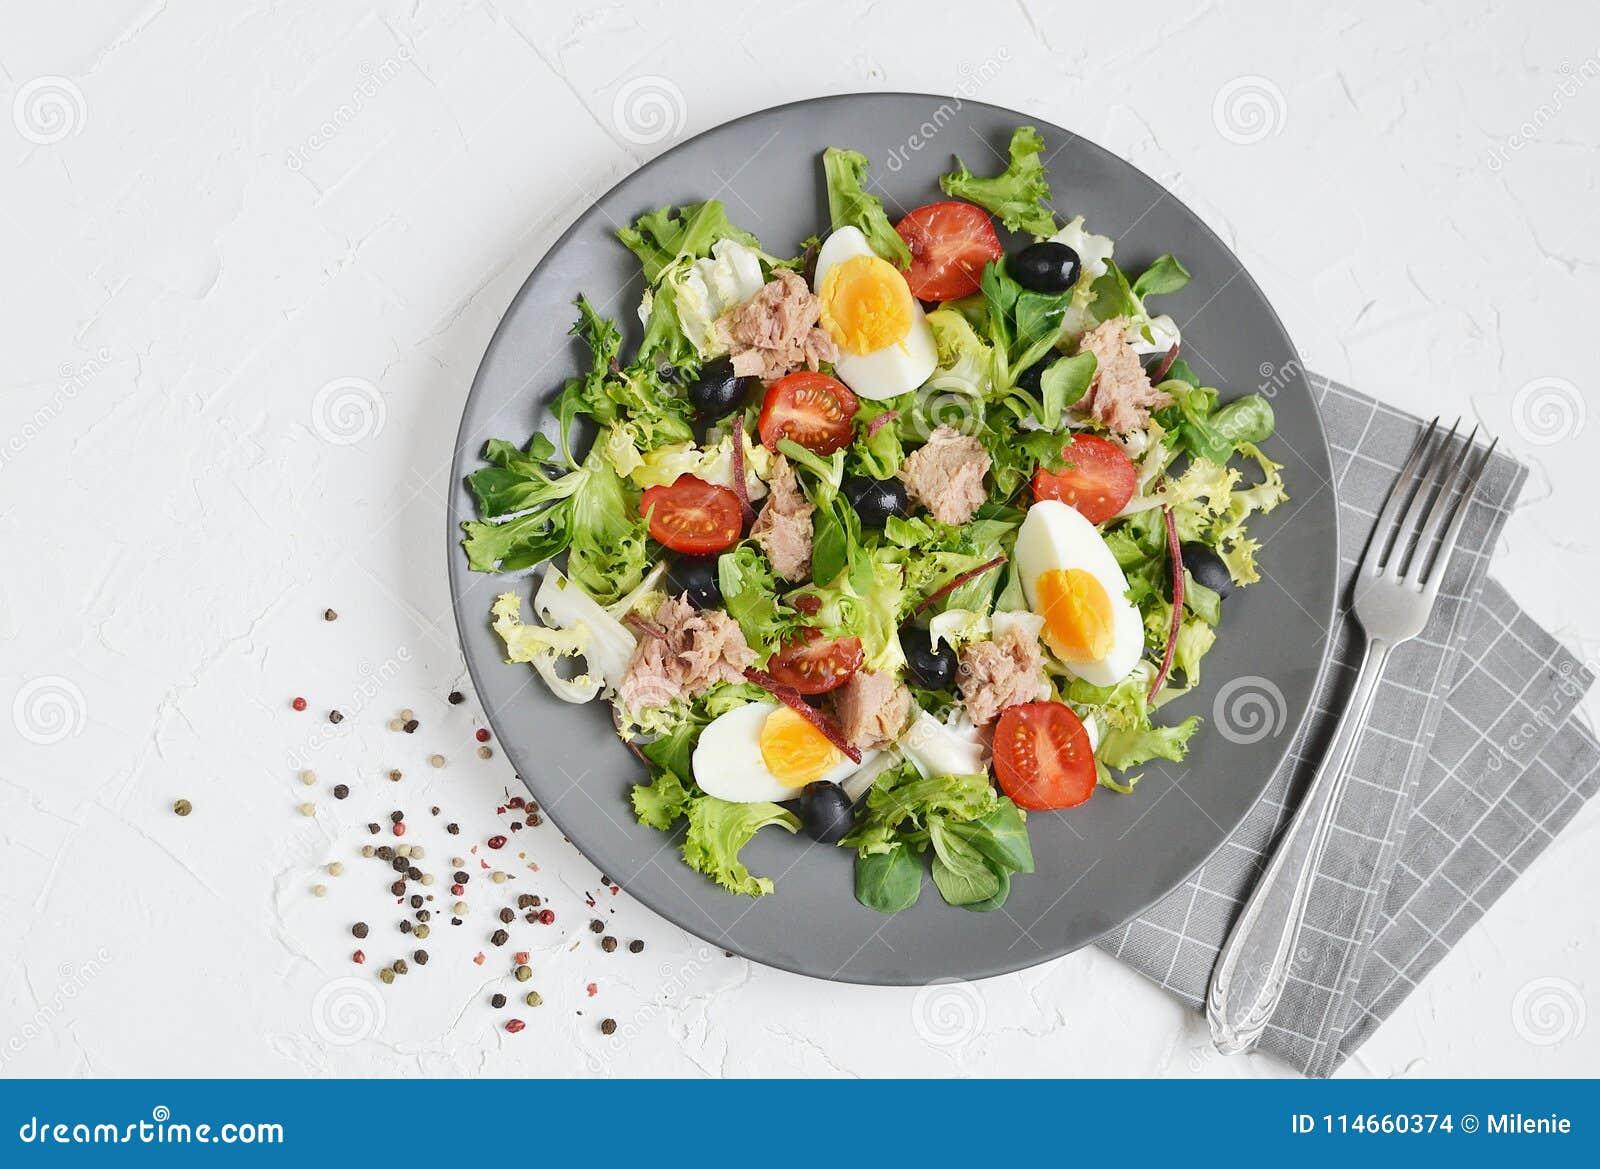 Tuna Salad Cabbage Arugula Oil Pepper Tomatoes Cherry Eggs